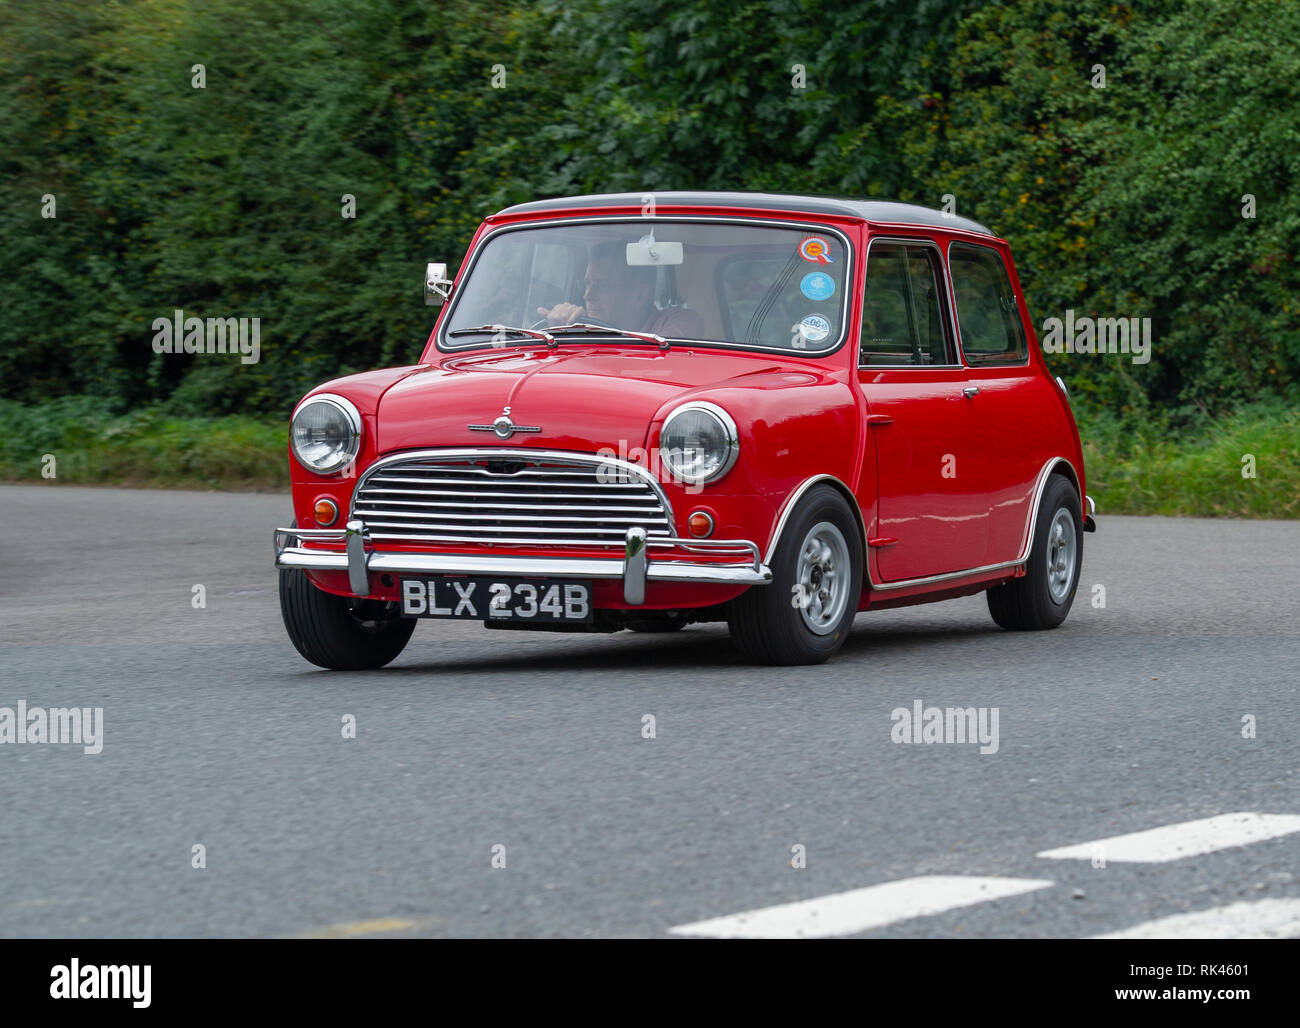 1964 Morris Mini Cooper S classic British car - Stock Image